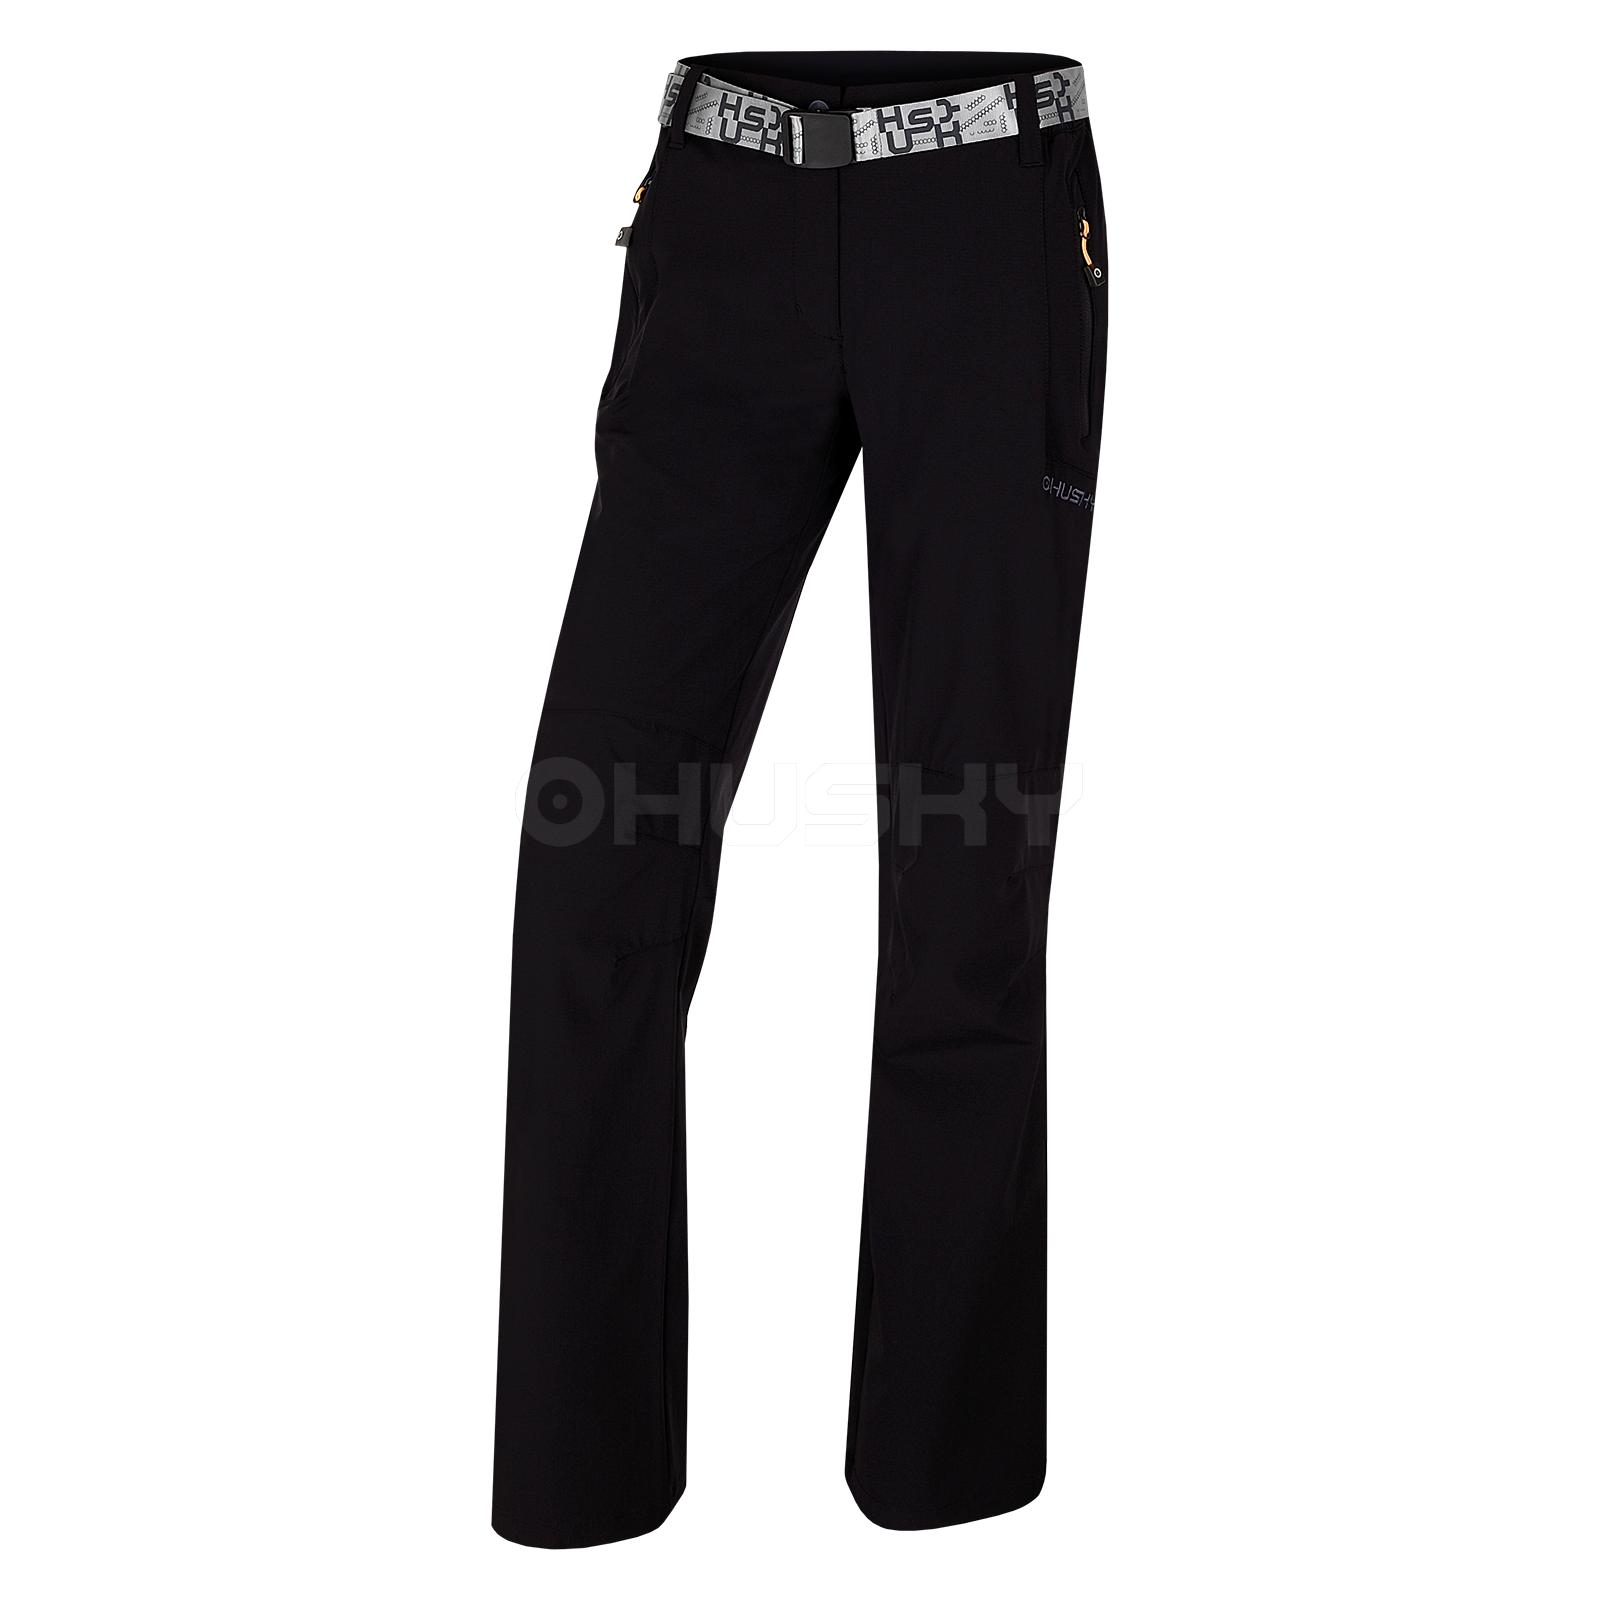 Husky Dámské outdoor kalhoty Pilon Compact L černá Velikost: XS